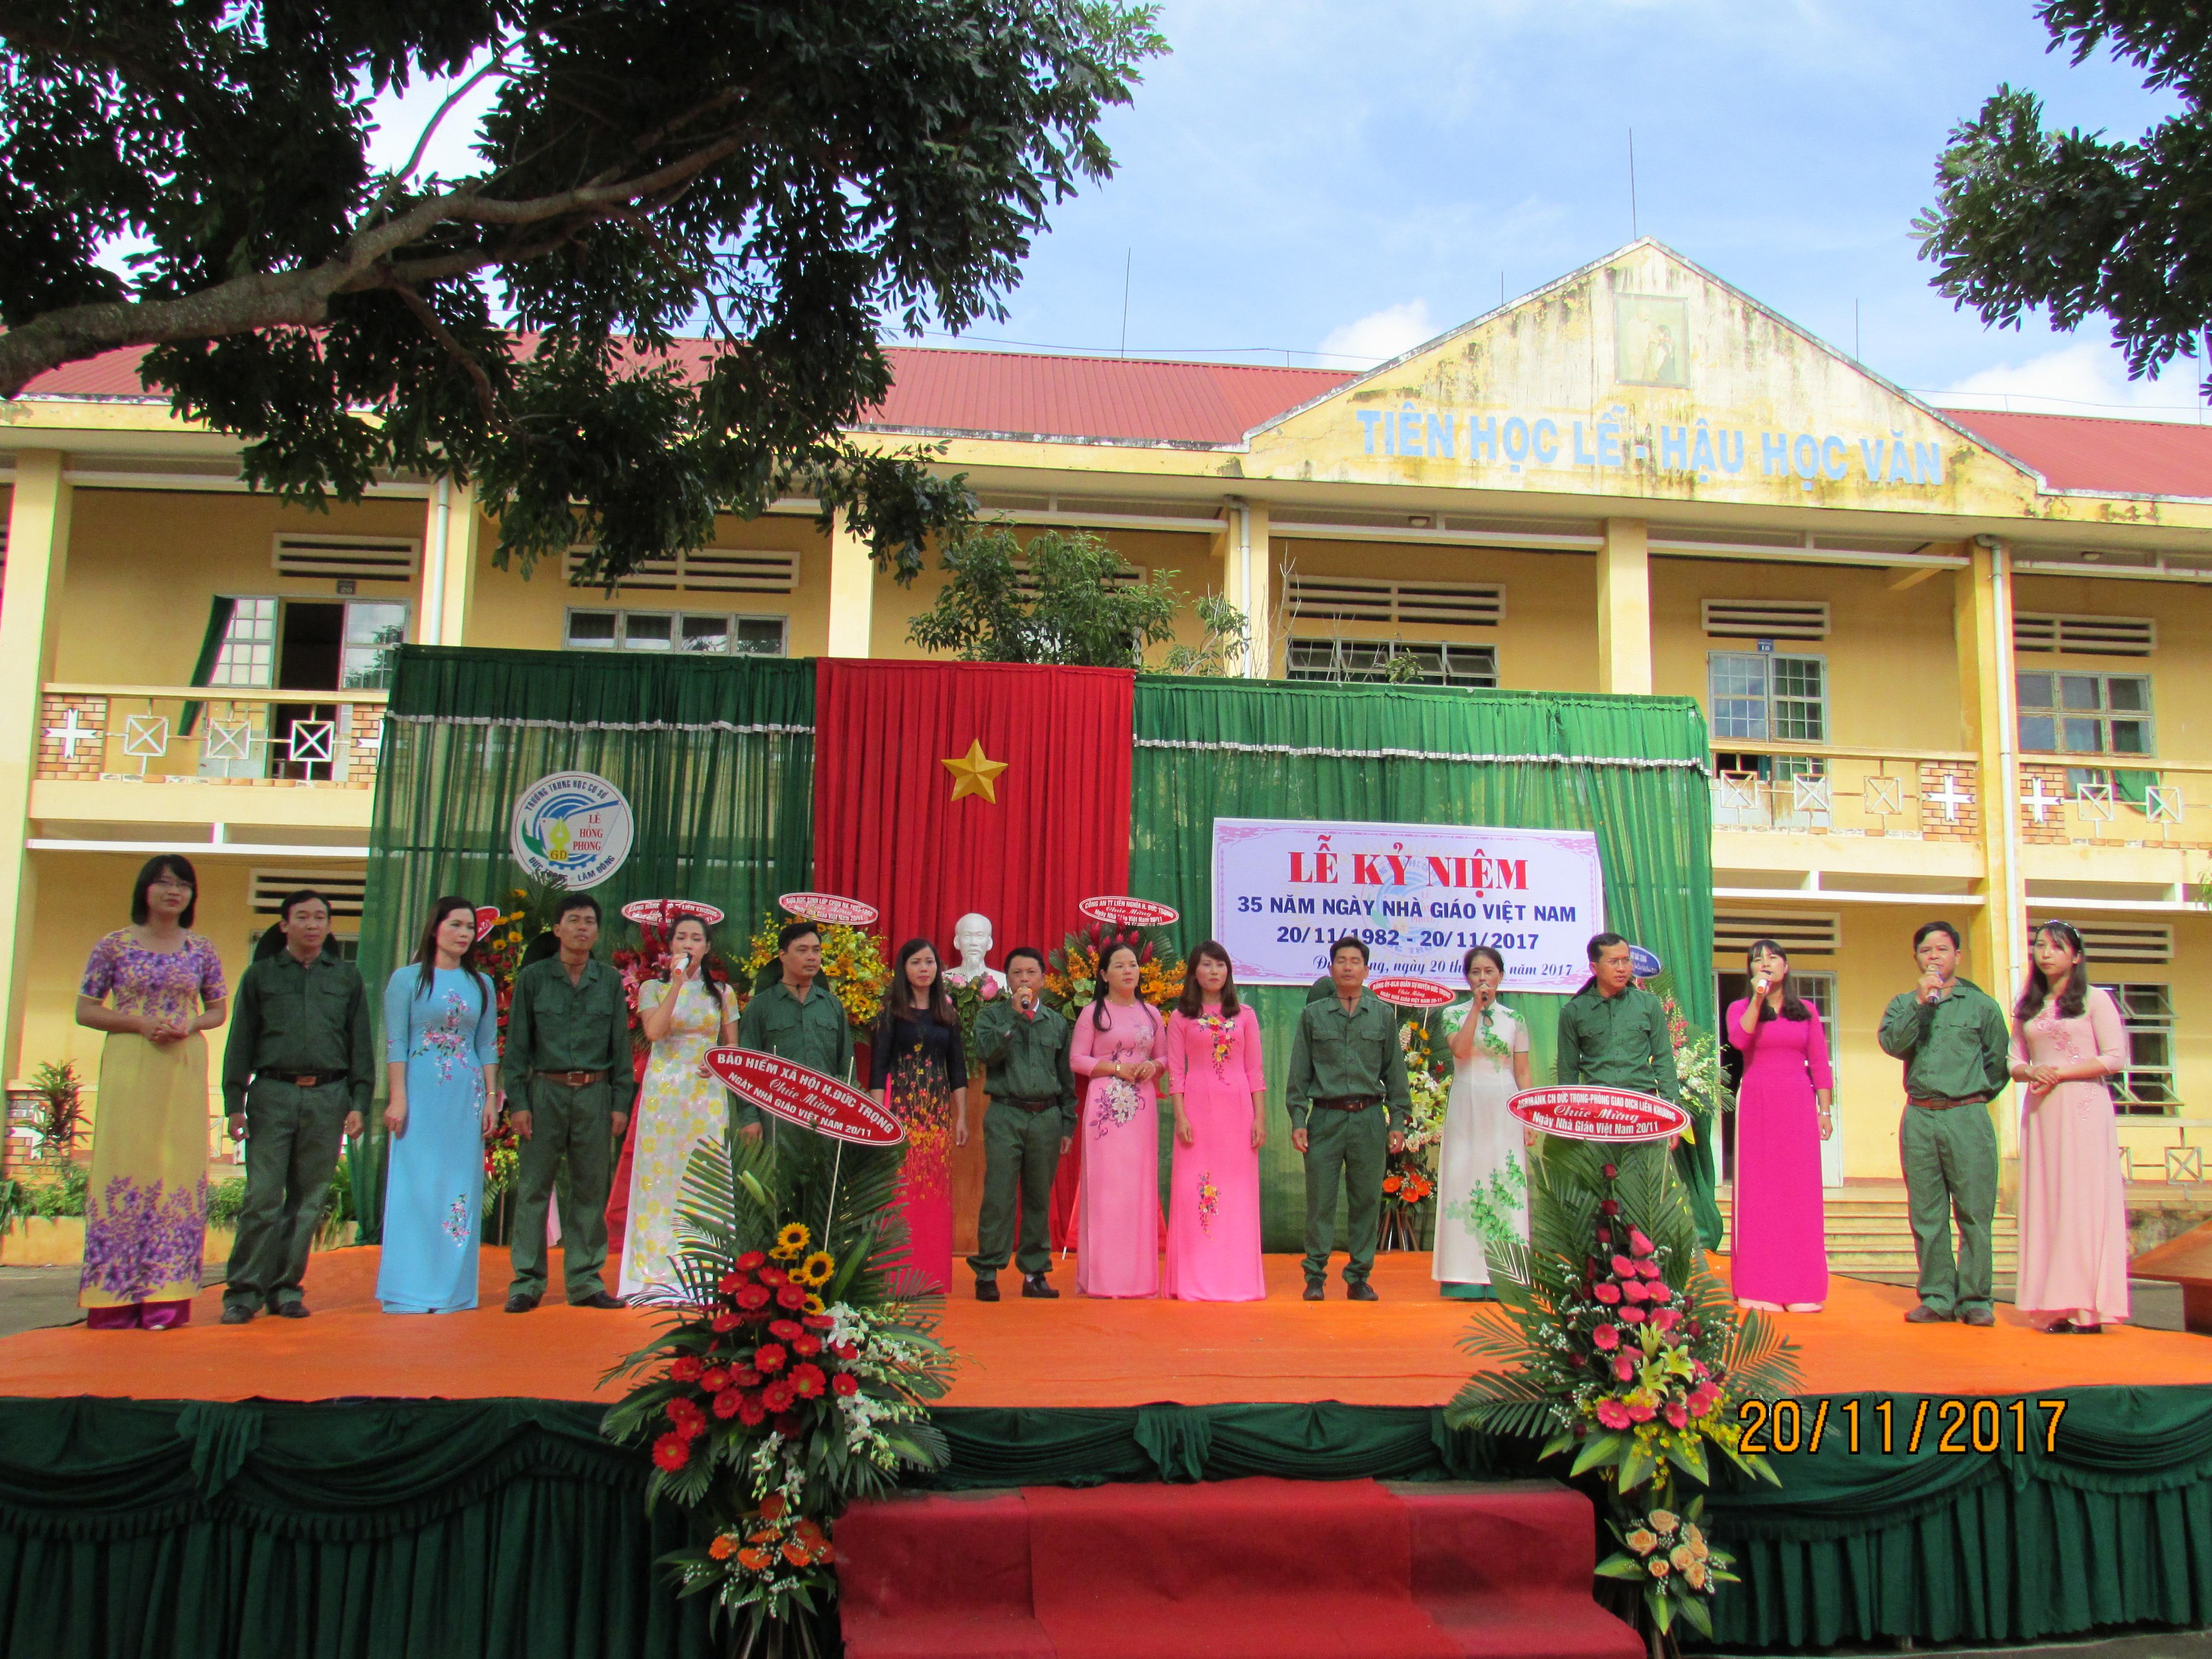 Lễ kỷ niệm ngày nhà giáo Việt Nam 20-11